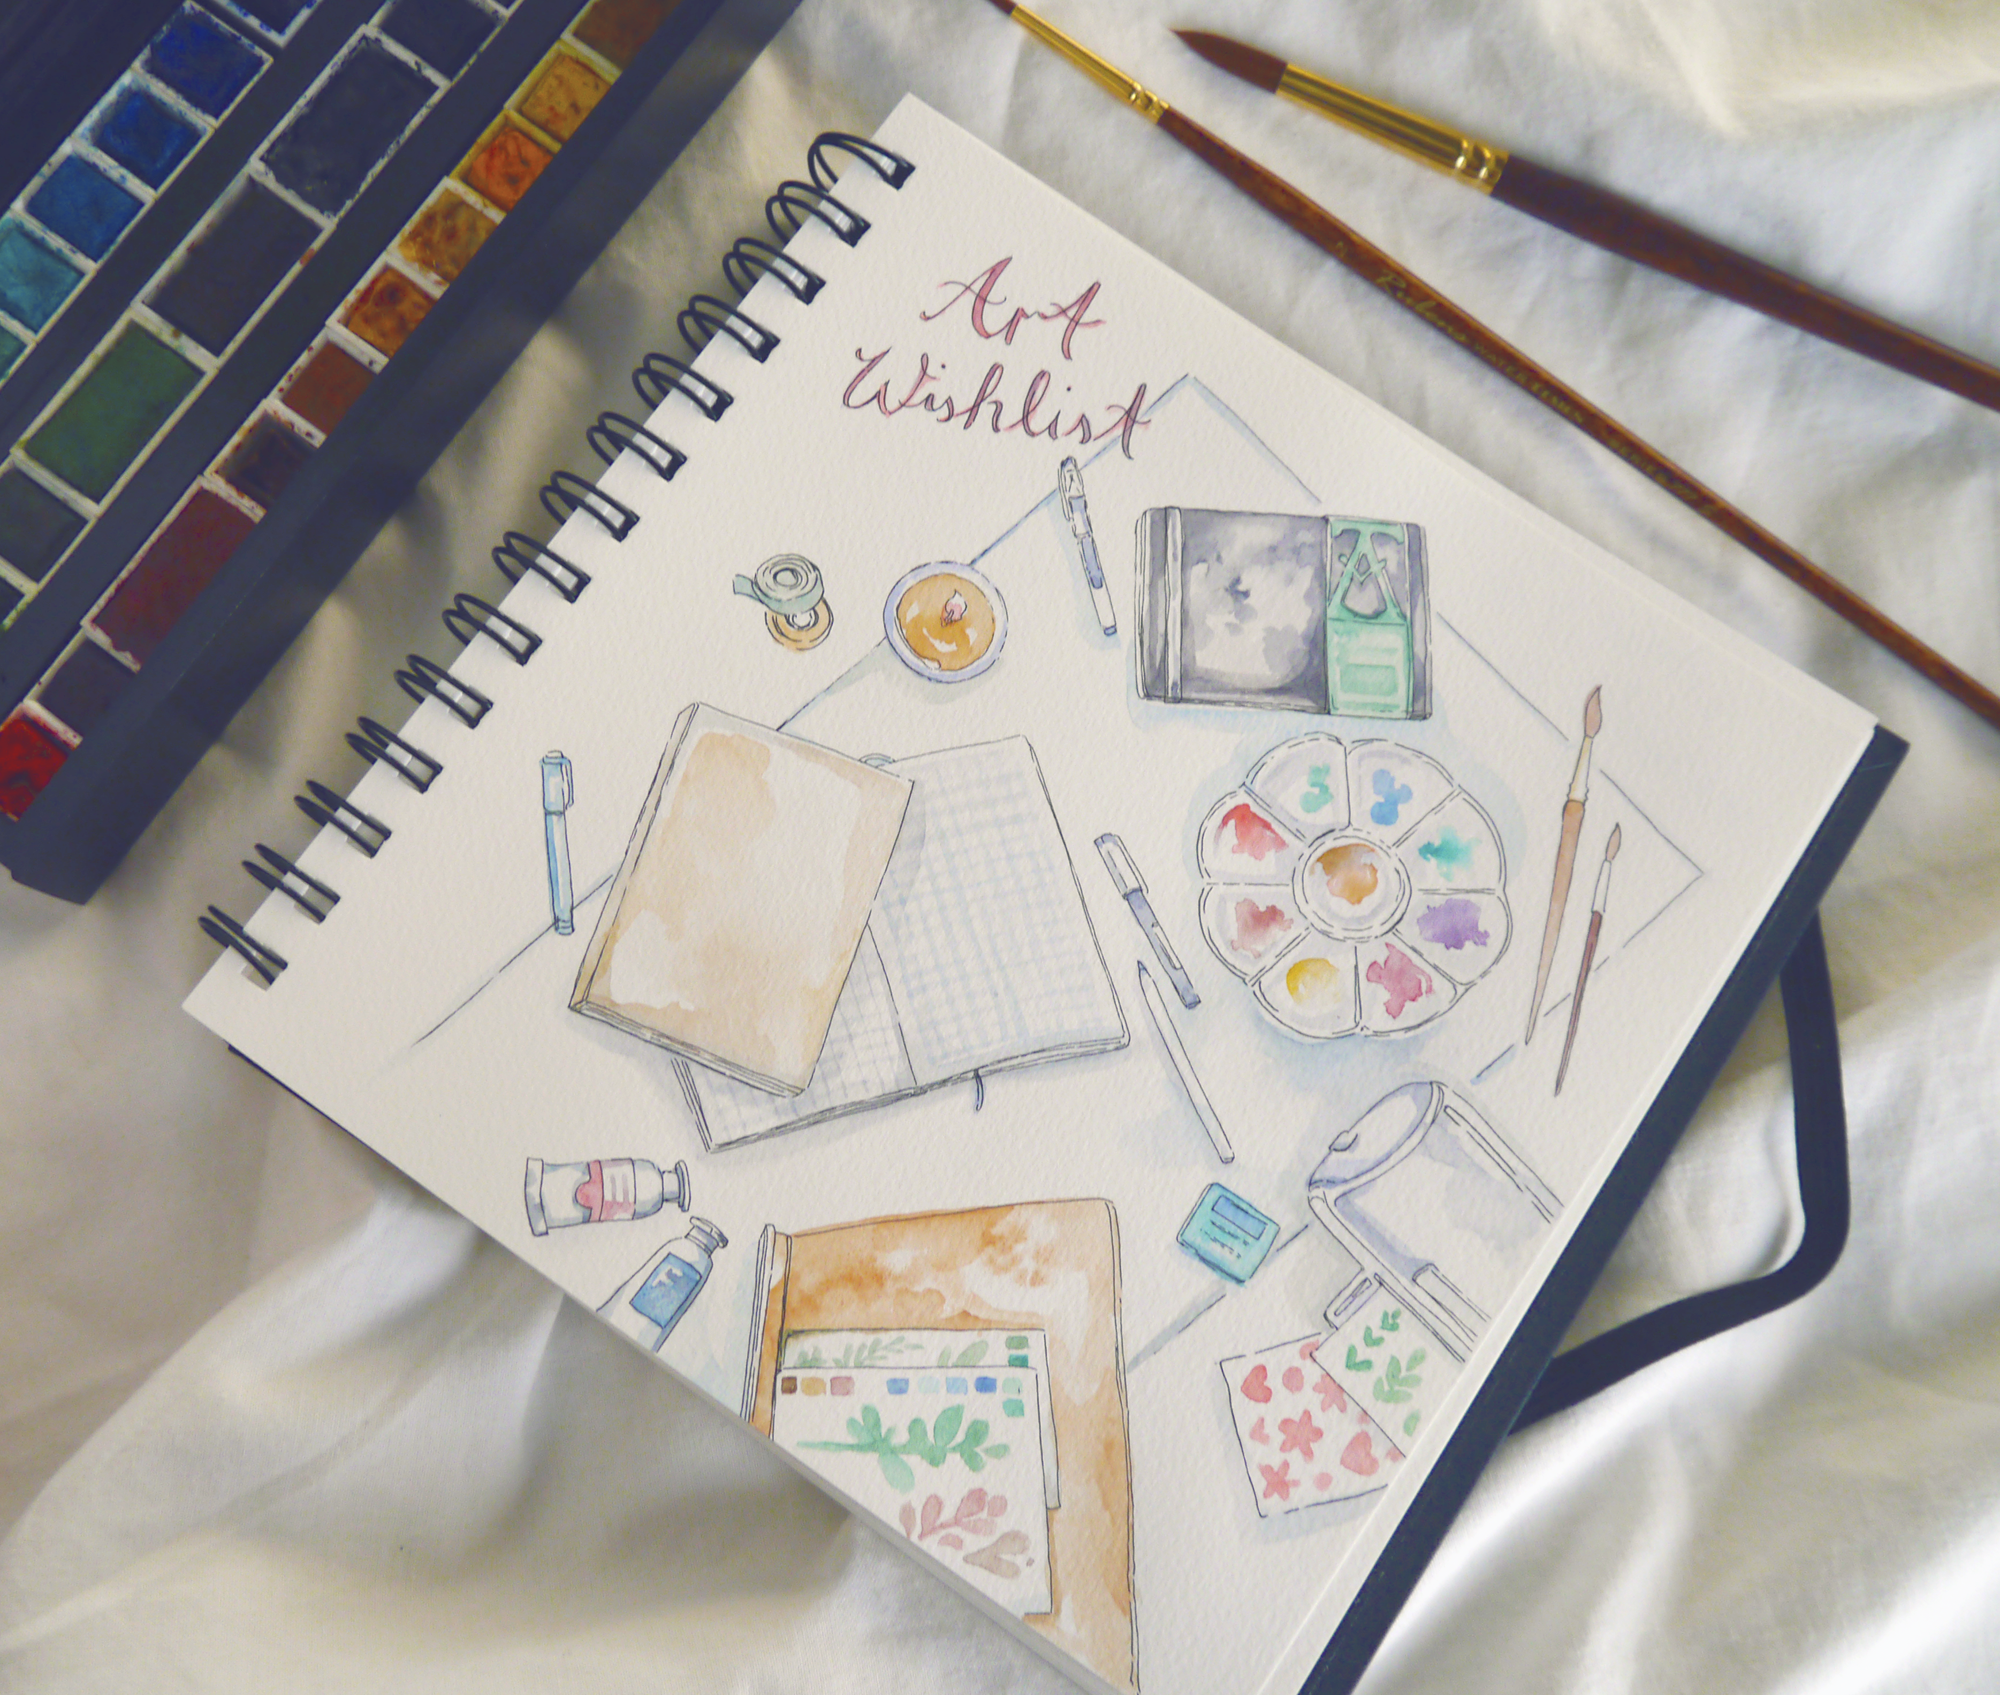 Artist Gift Ideas My Favorite Art Supplies Wishlist Evydraws